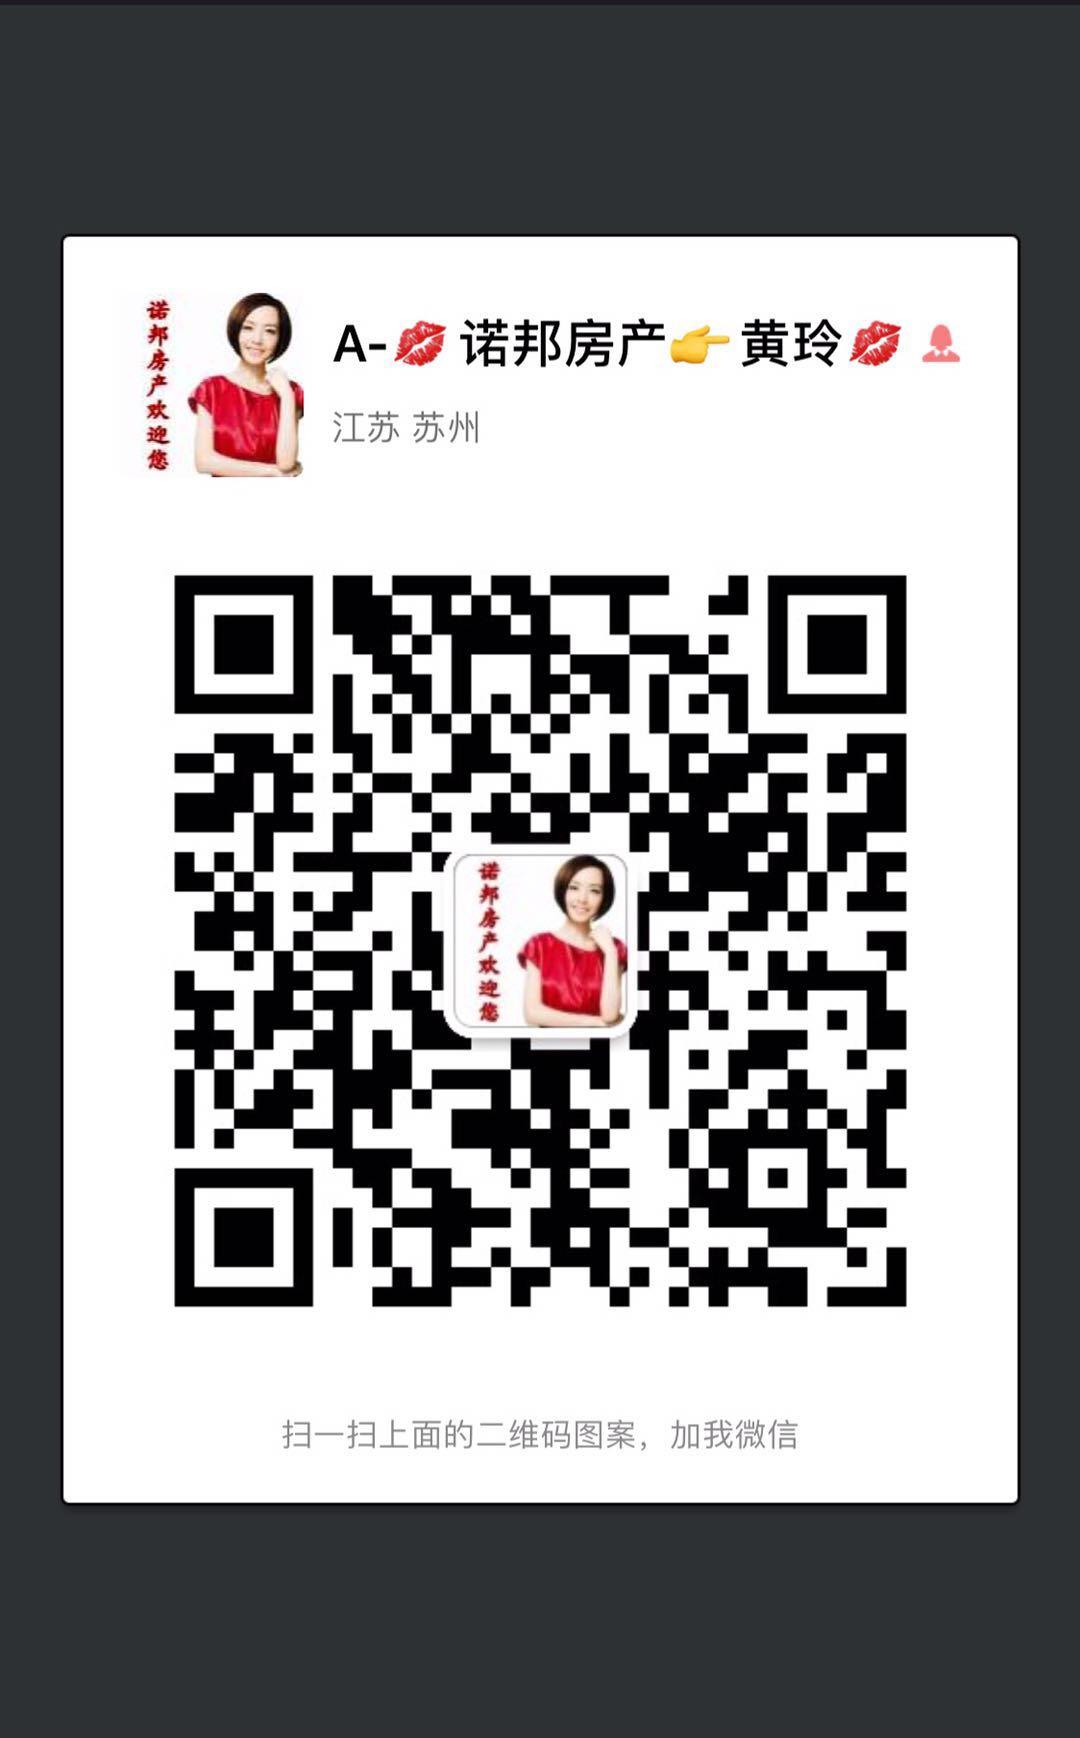 张家港诺邦房产信息微信二维码